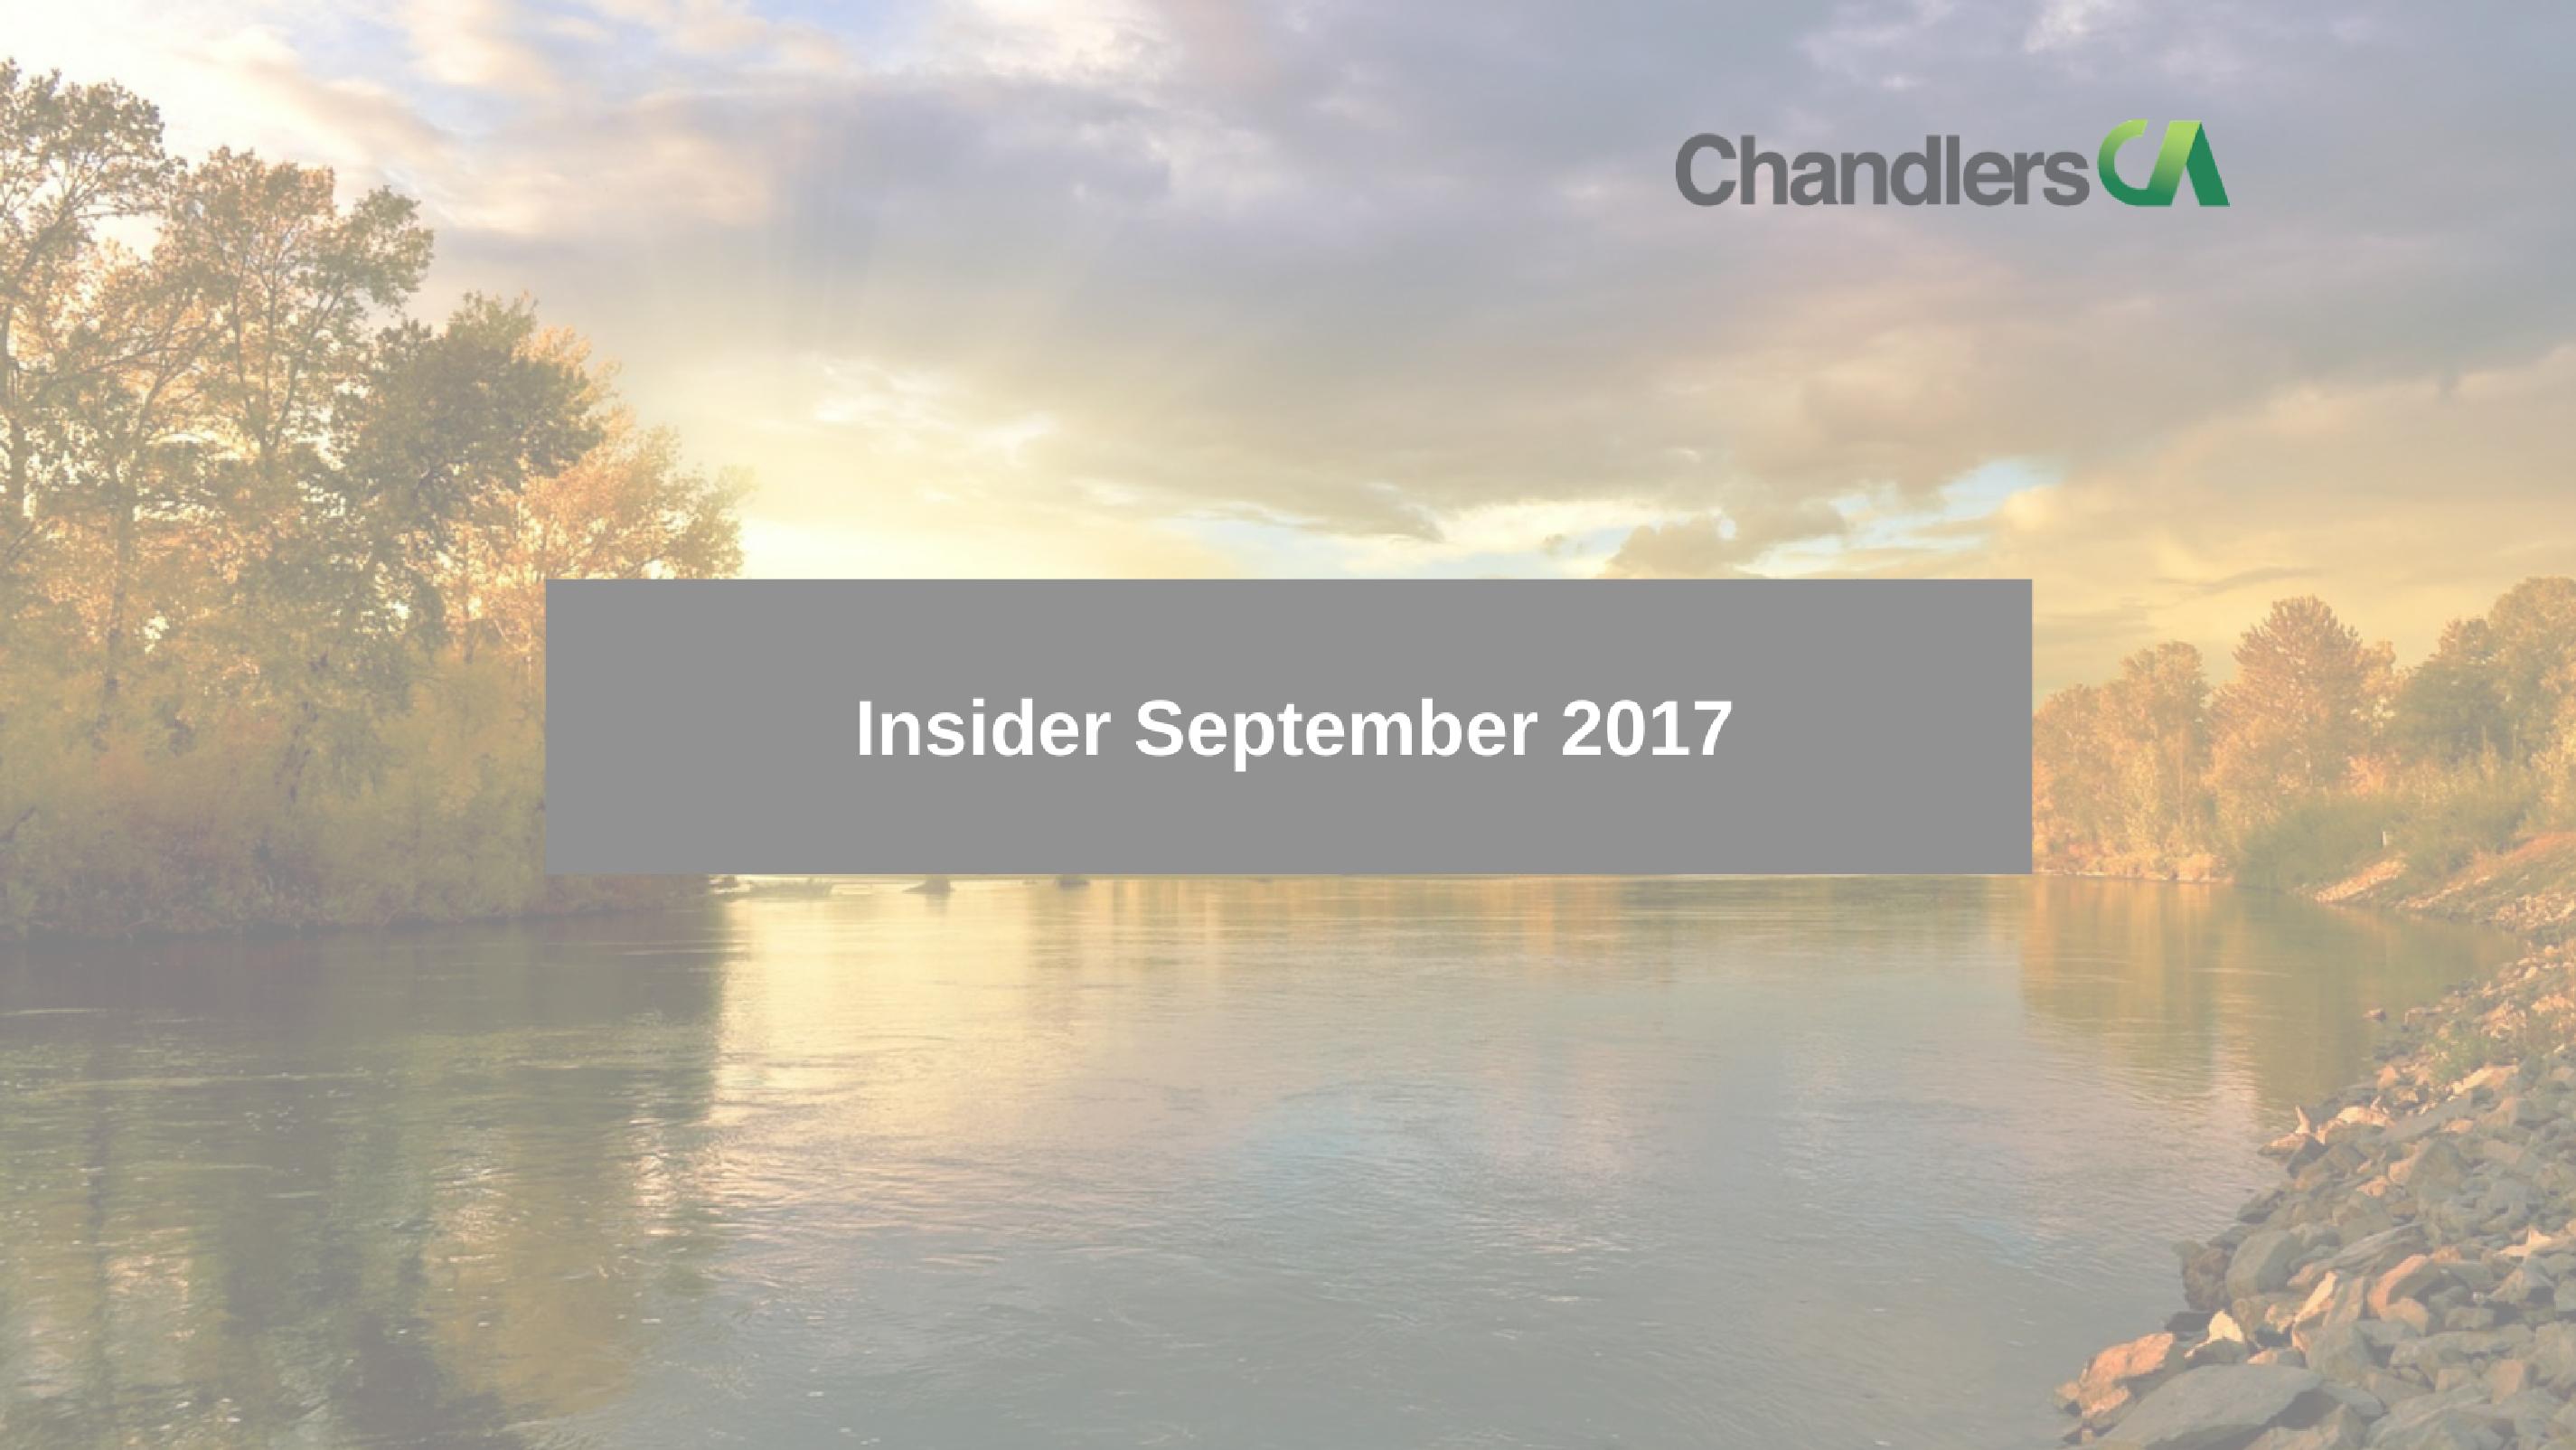 Tax Insider guide for September 2017